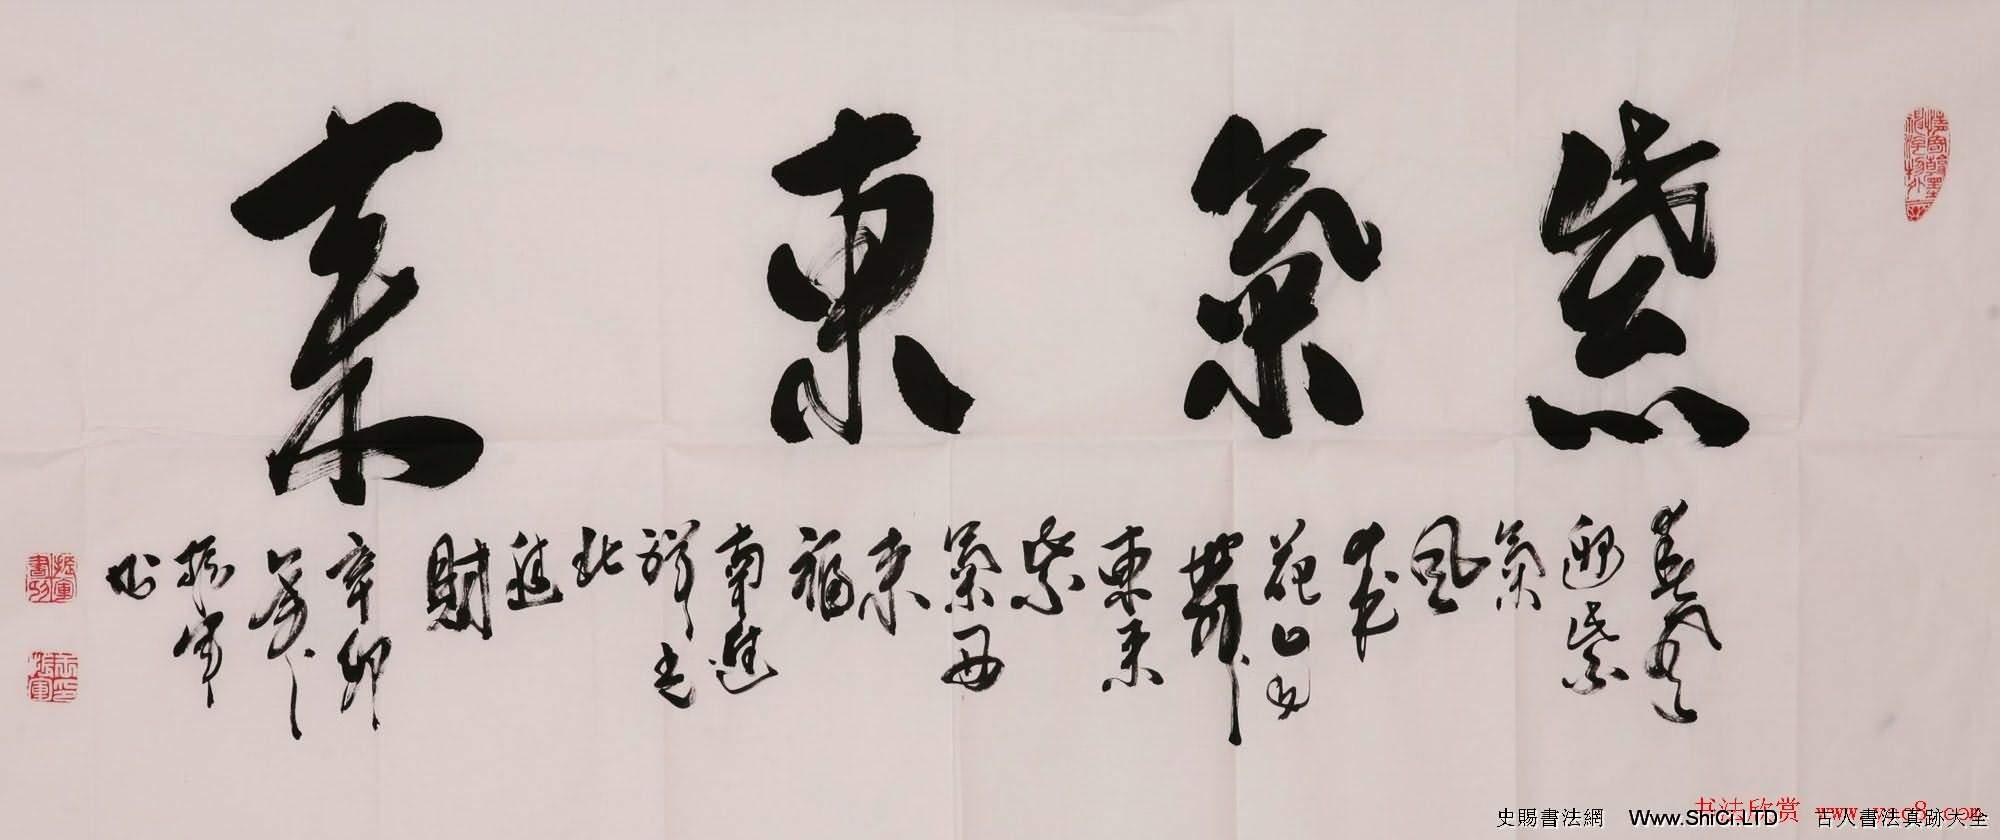 紫氣東來書法作品欣賞22幅